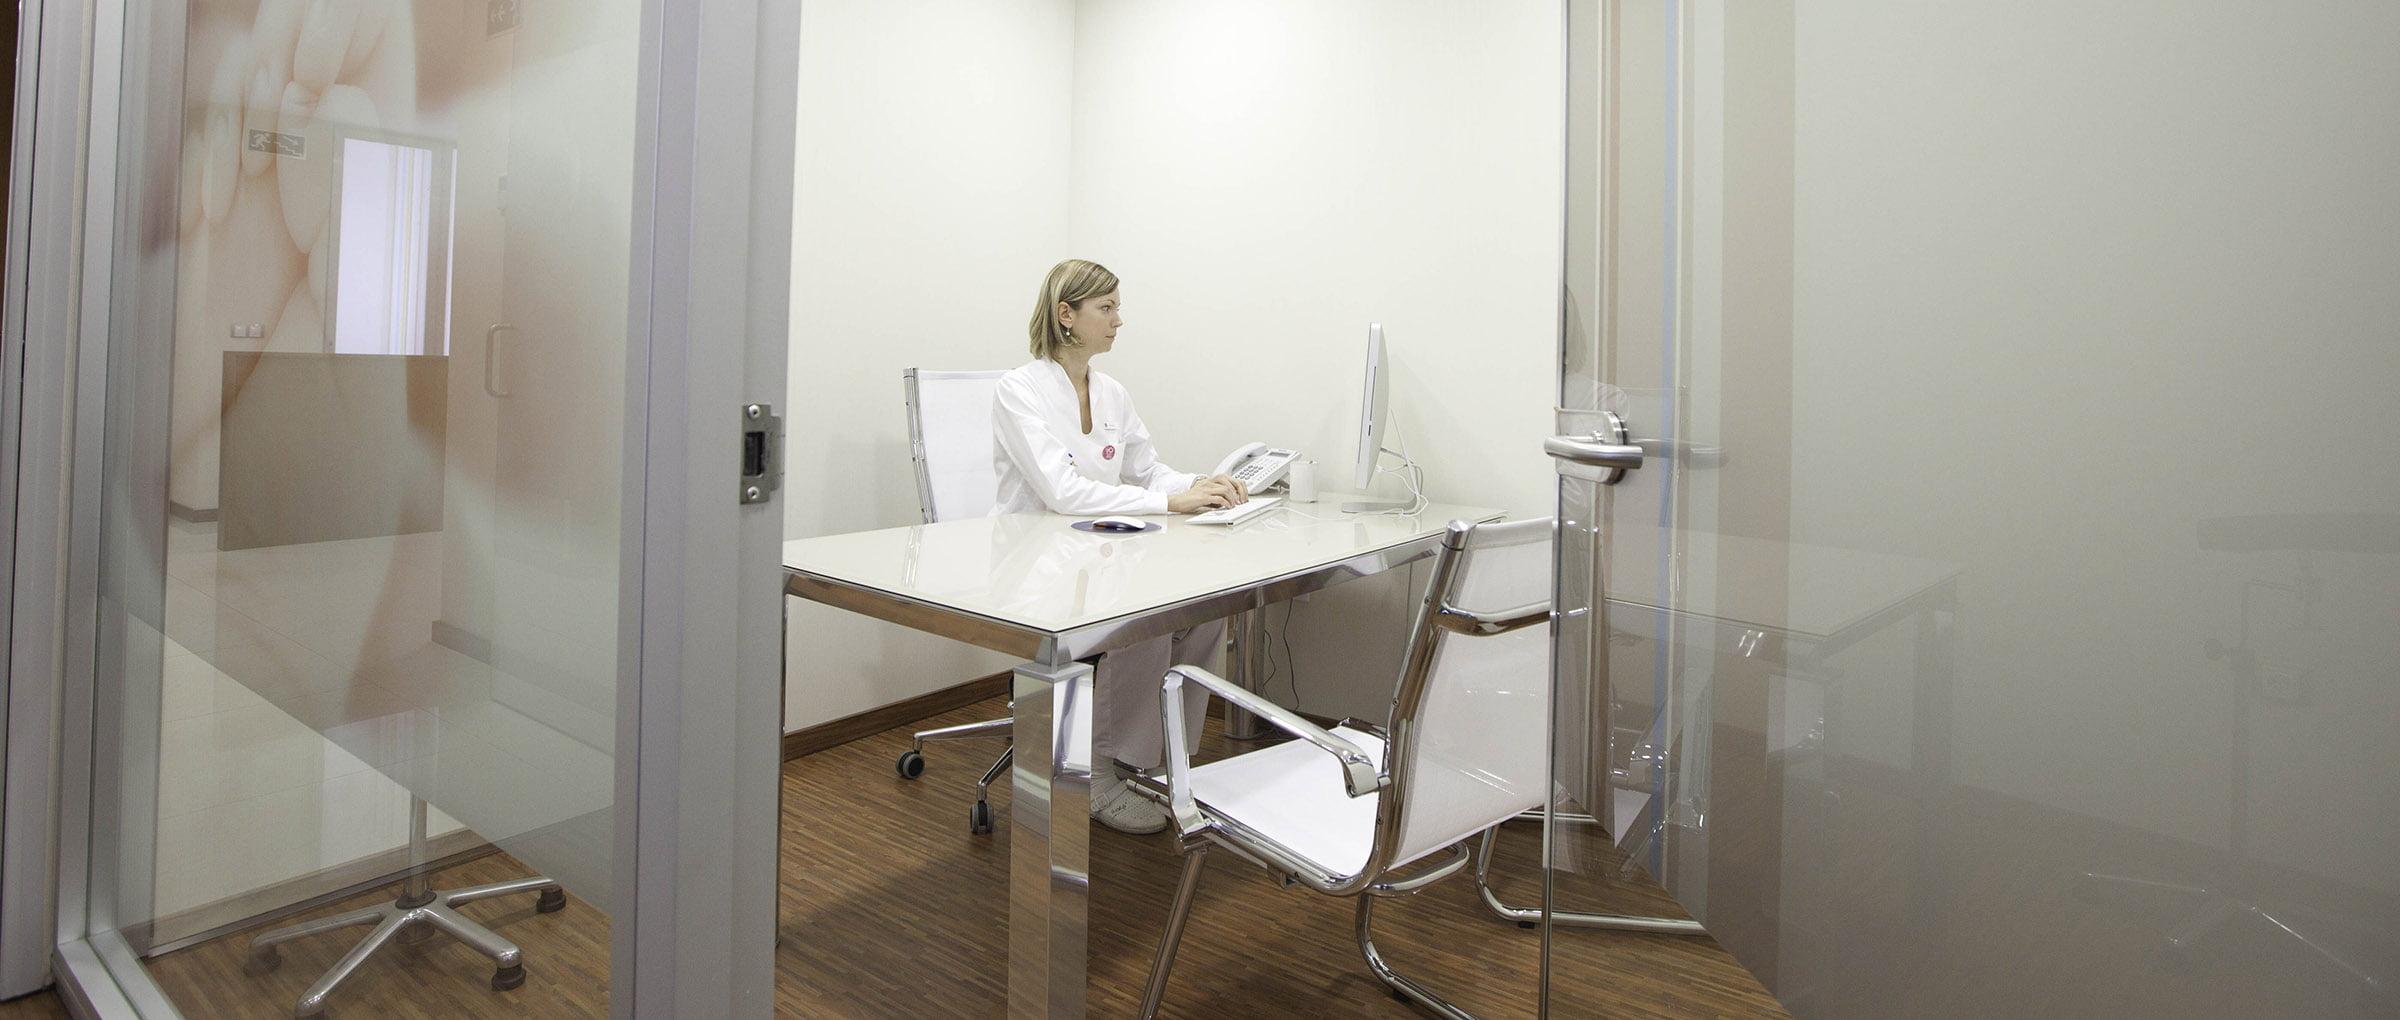 Clinique Crea consultation